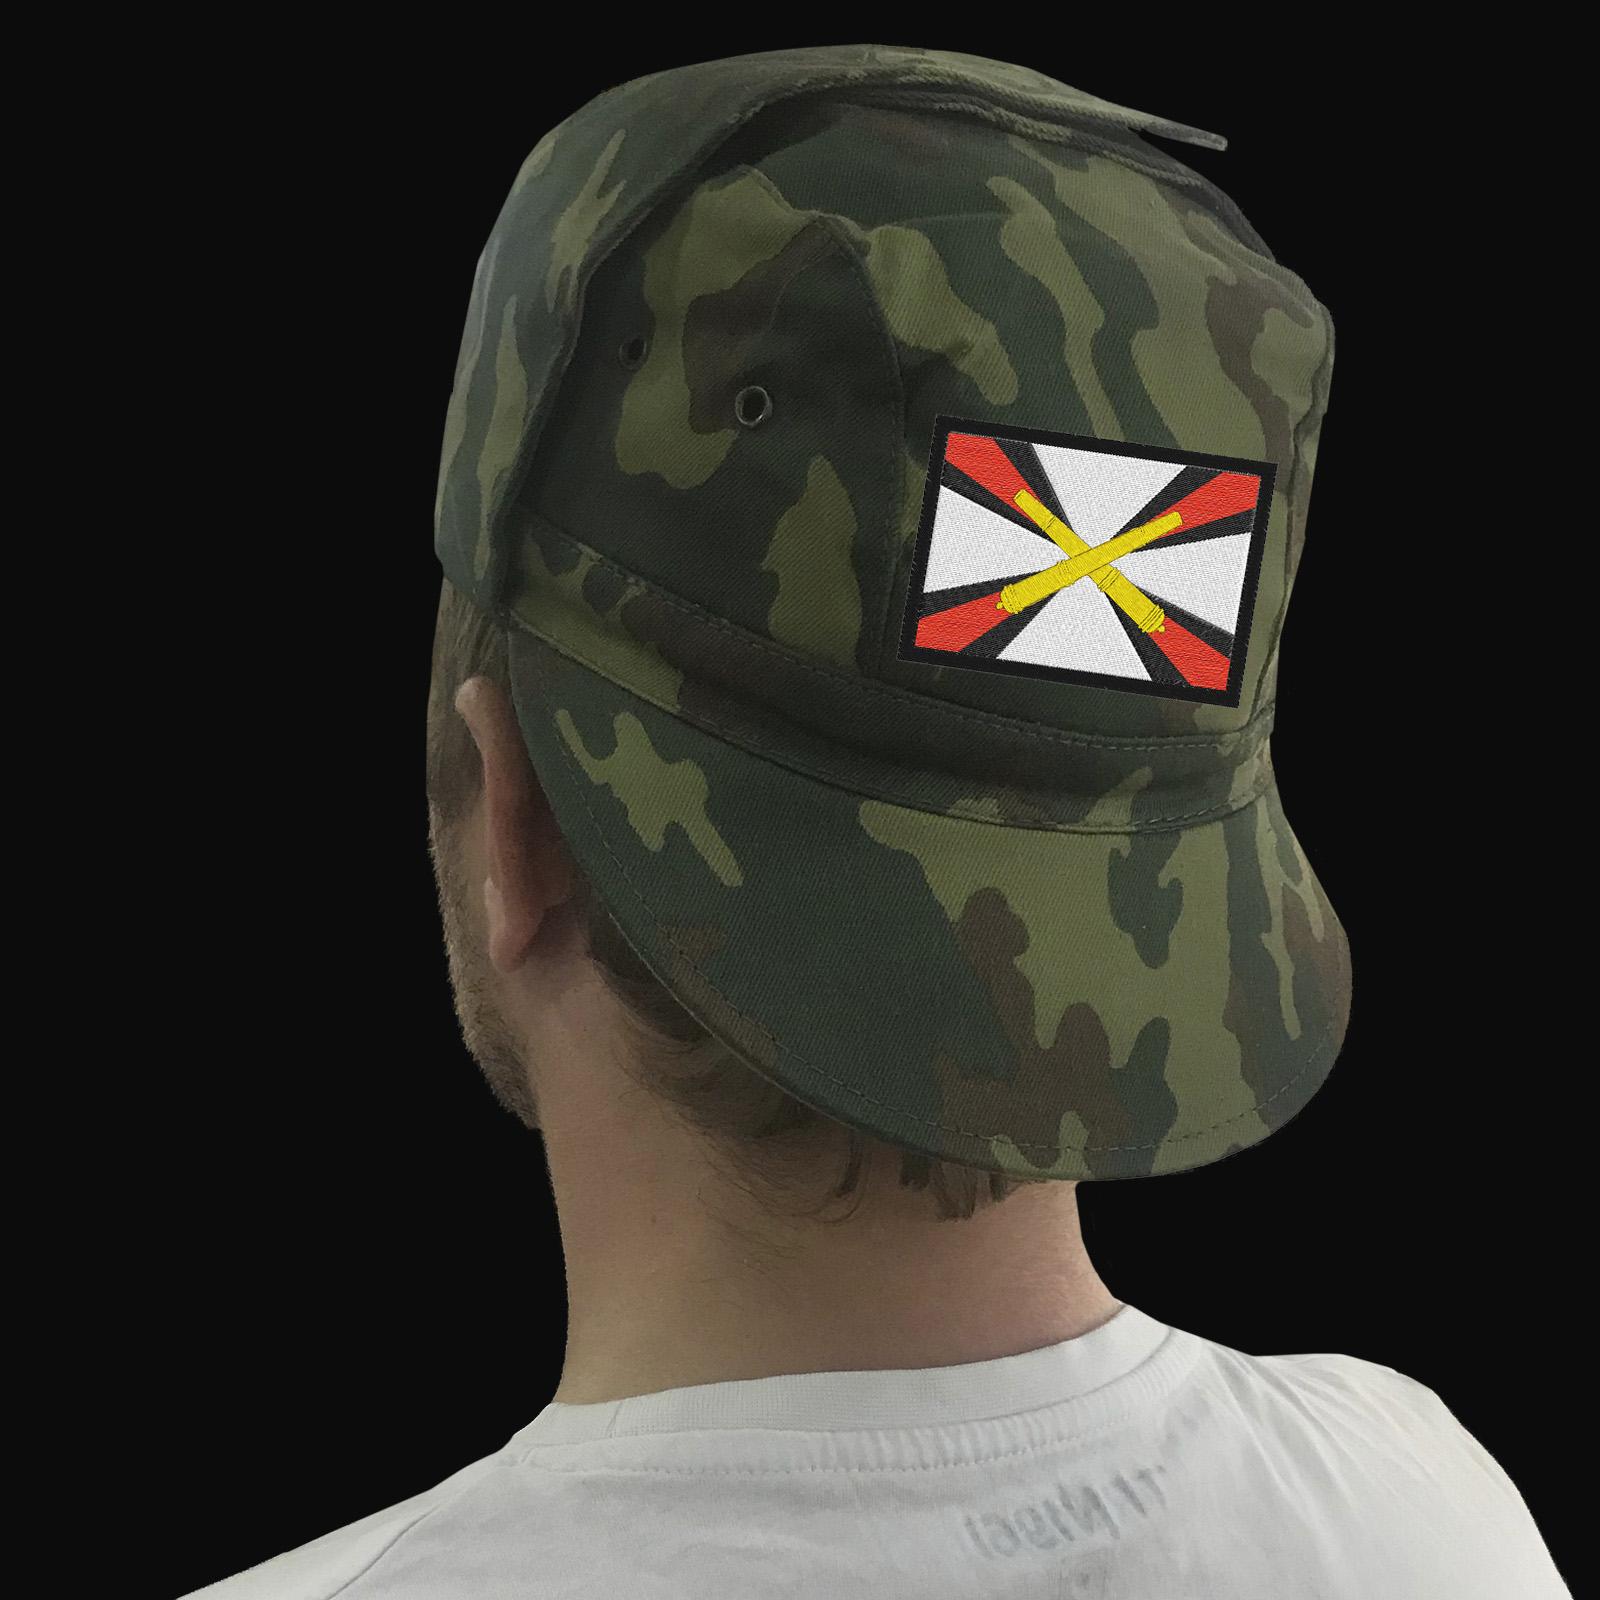 Интернет магазин кепок: от гражданских до военных